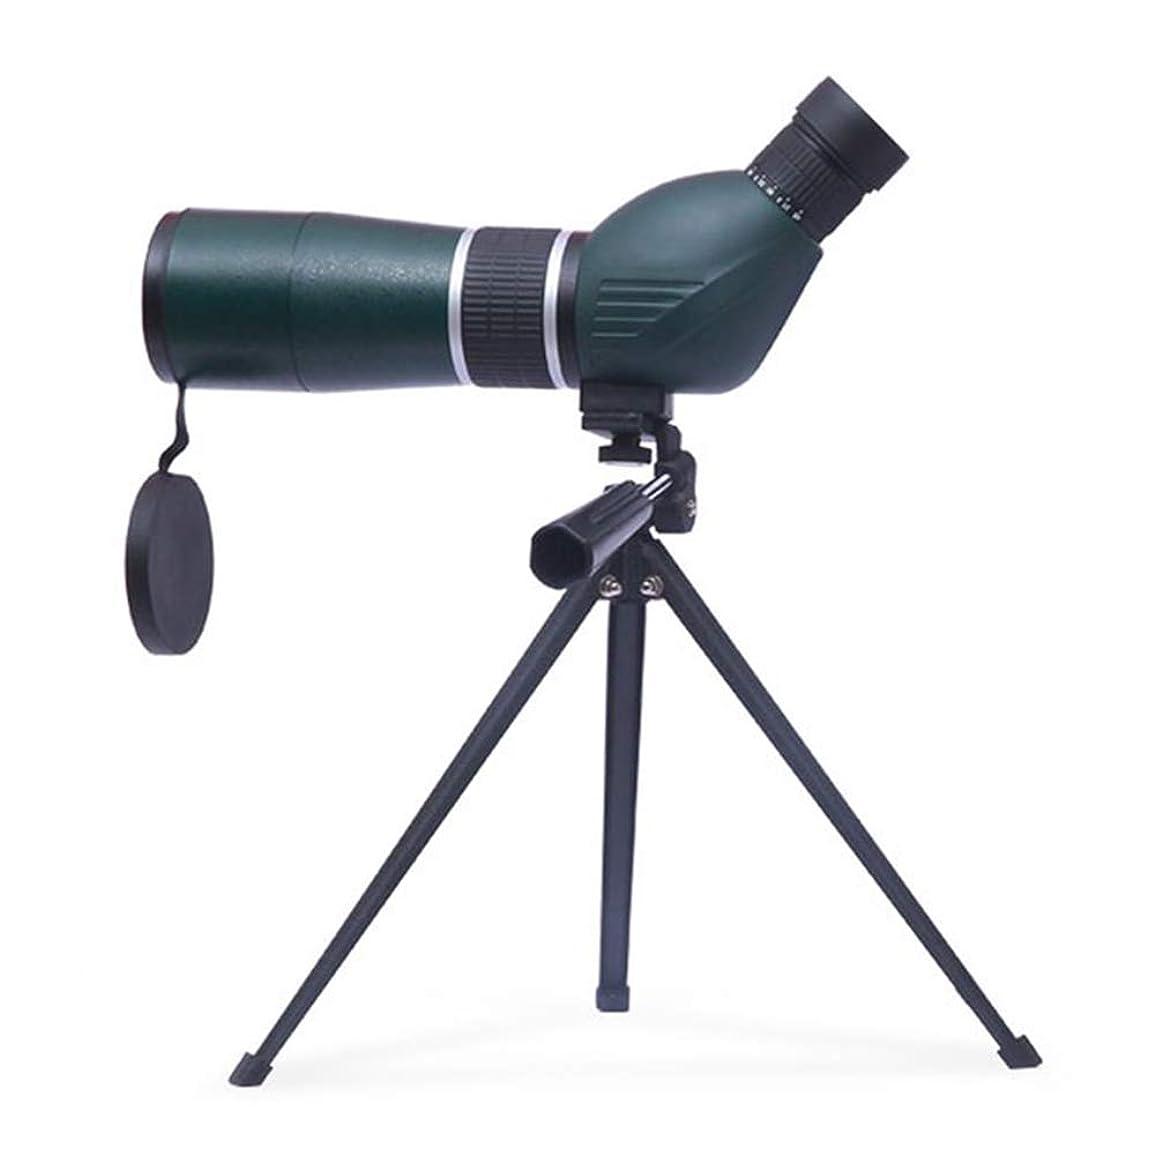 何スラダム鯨15-45x60 単眼鏡 高解像度 望遠鏡 三脚付き 45度アングル接眼レンズ 光学ズーム 43-21m/1000m 旅行/アドベンチャー/地形/サービー用